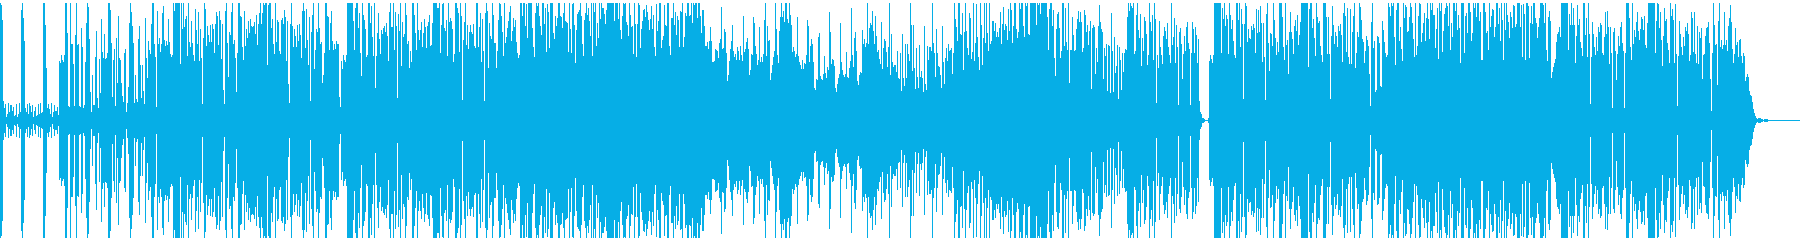 シンセの怠惰な曲の再生済みの波形